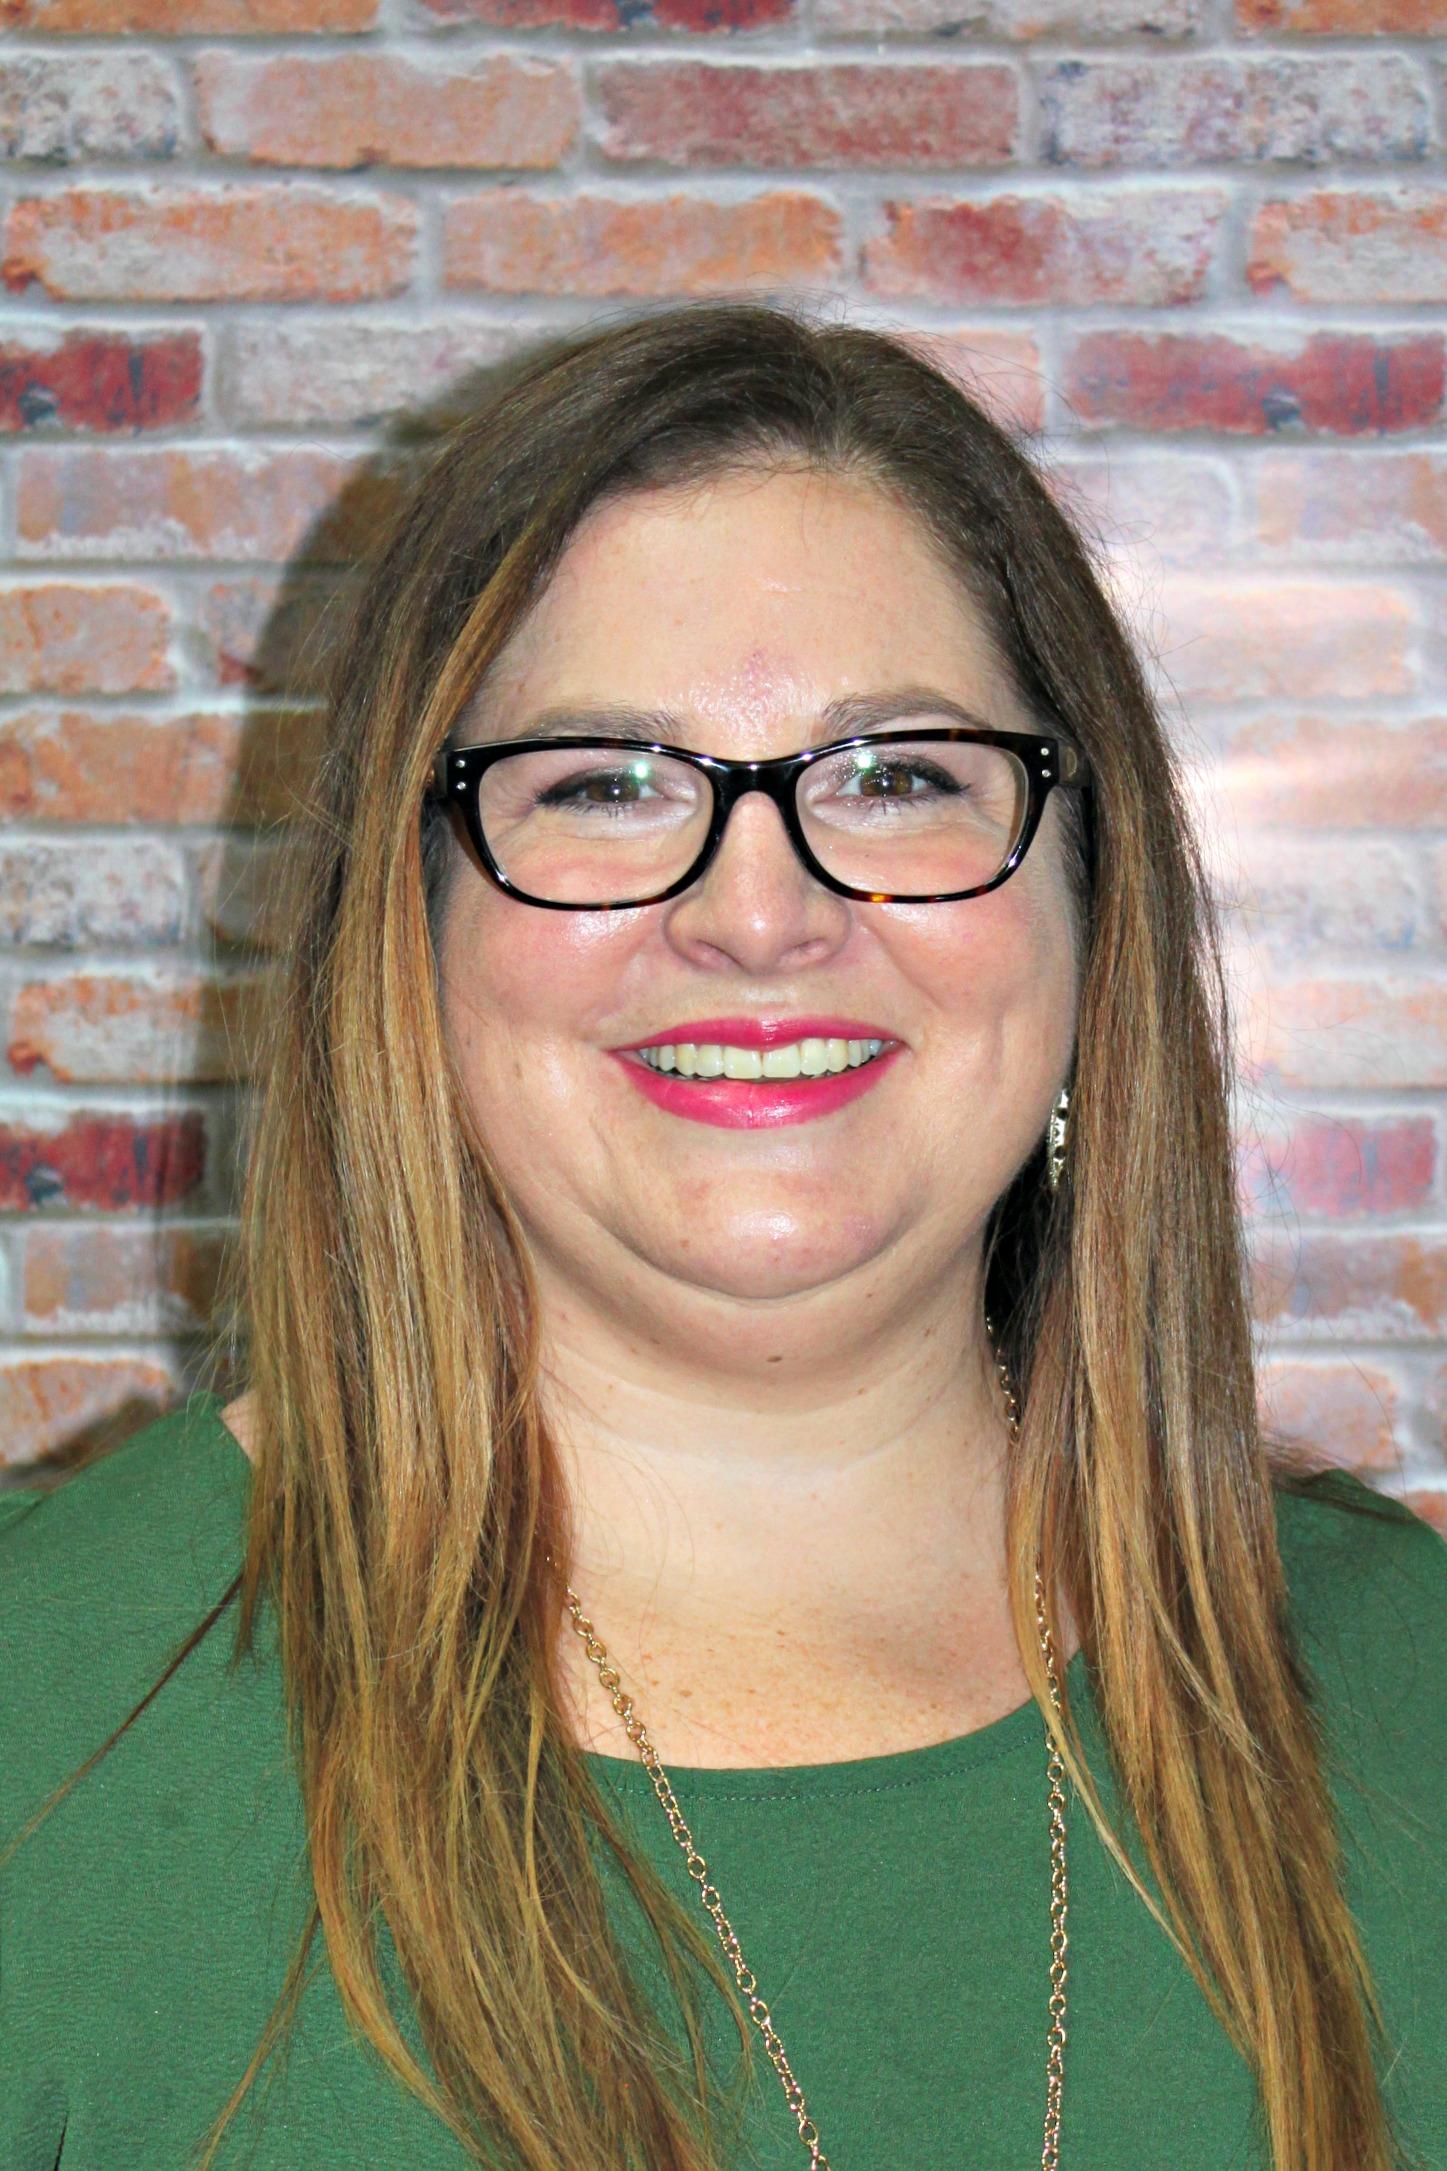 Melanie Snare